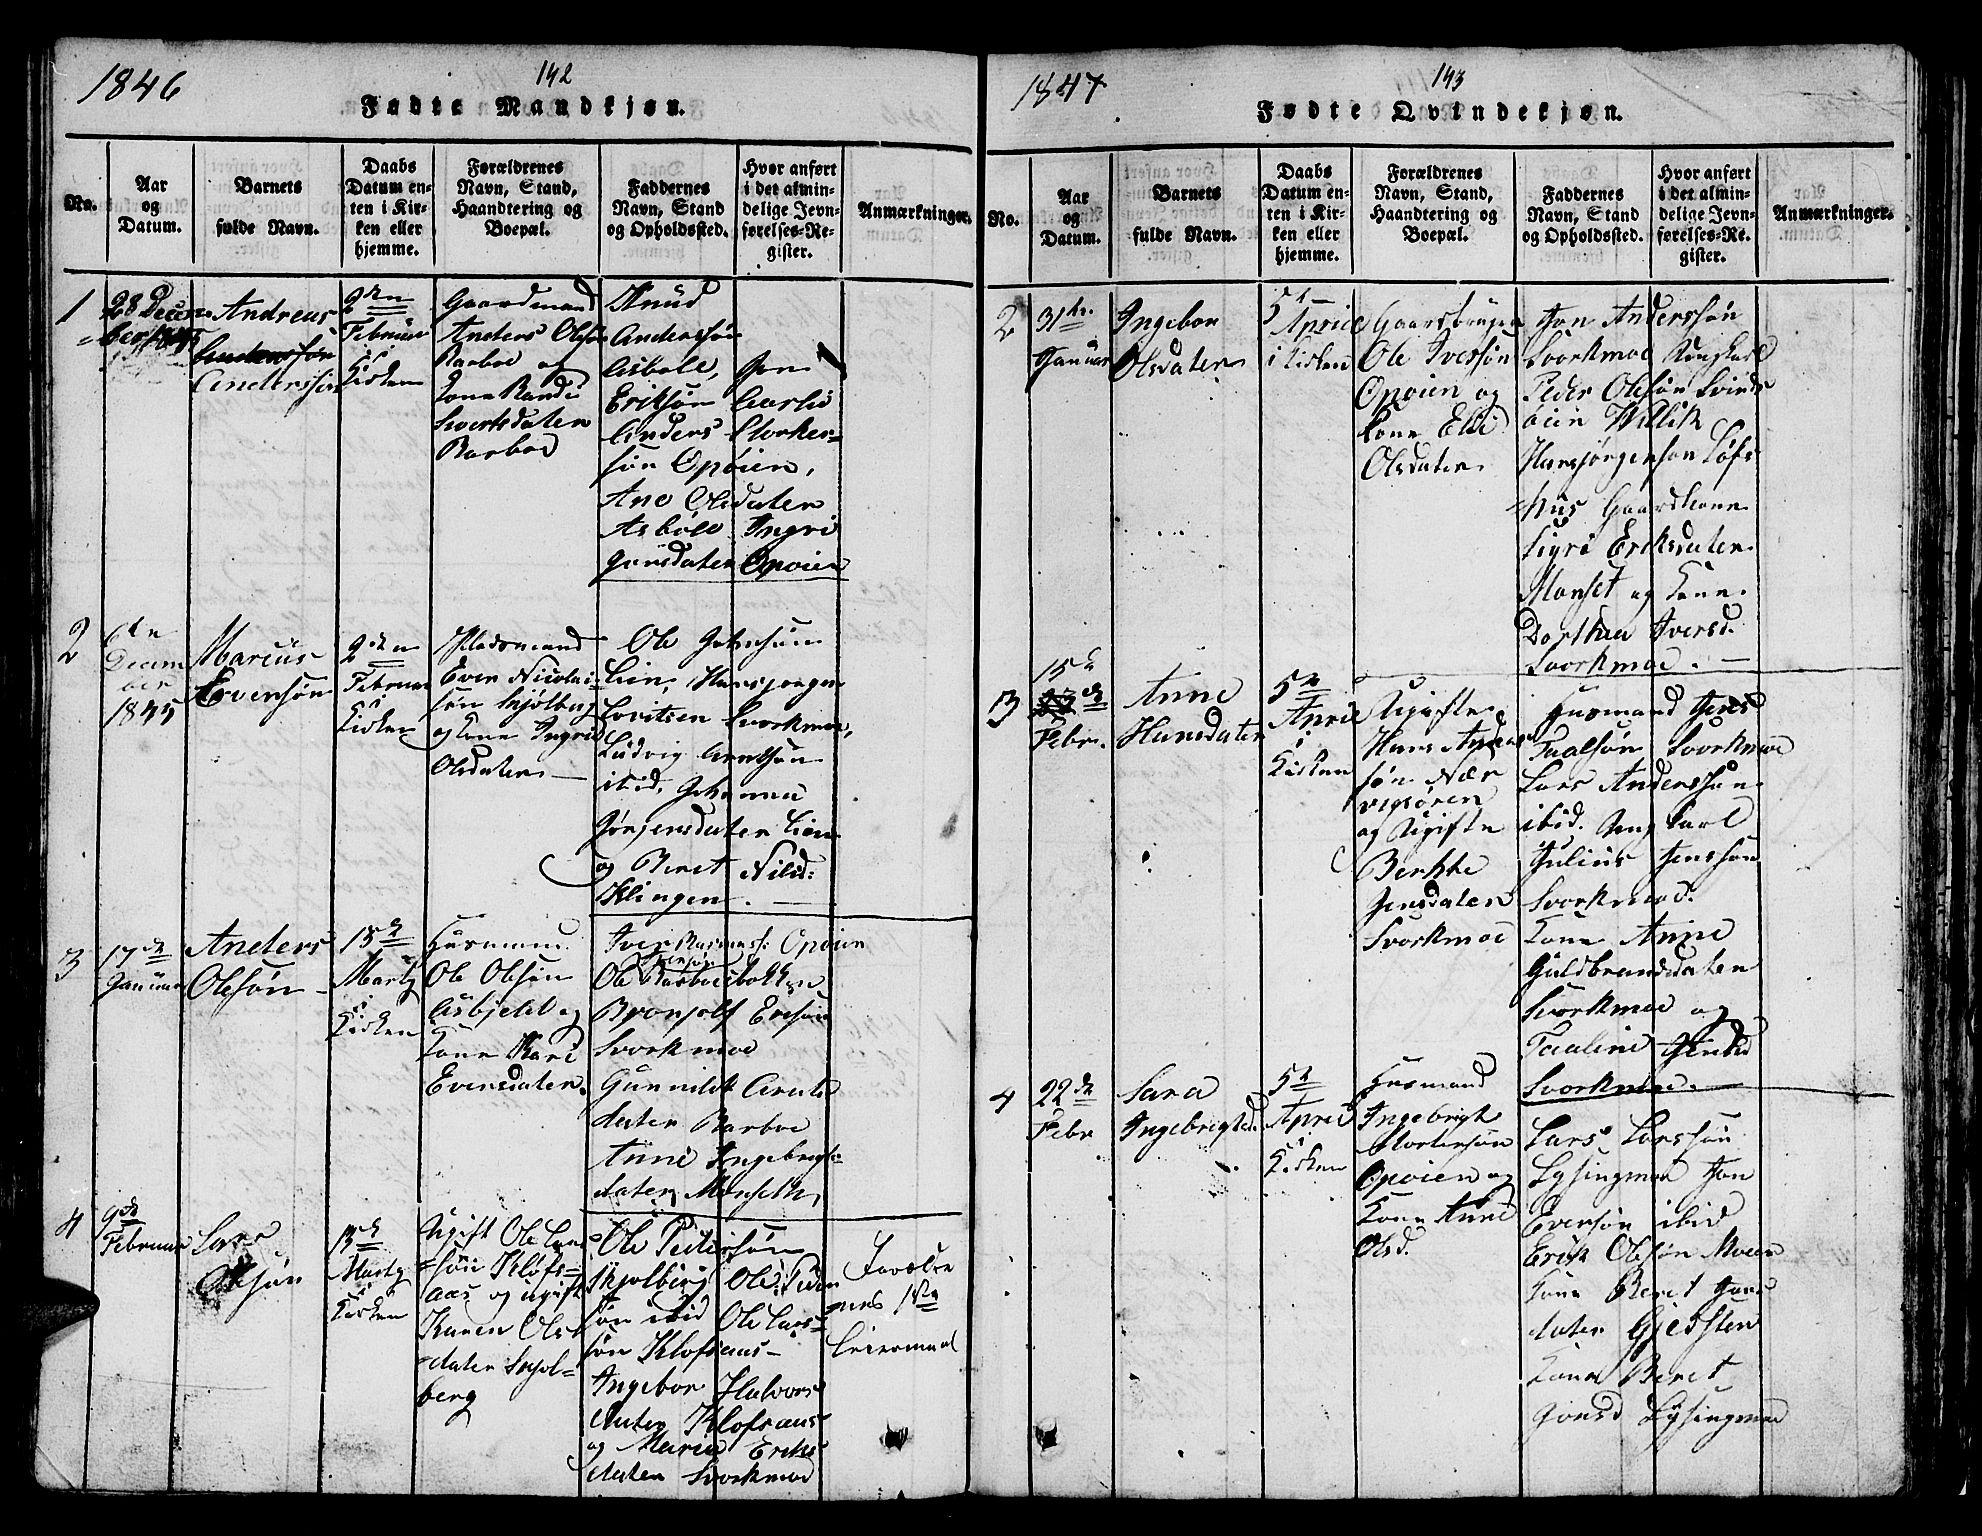 SAT, Ministerialprotokoller, klokkerbøker og fødselsregistre - Sør-Trøndelag, 671/L0842: Klokkerbok nr. 671C01, 1816-1867, s. 142-143